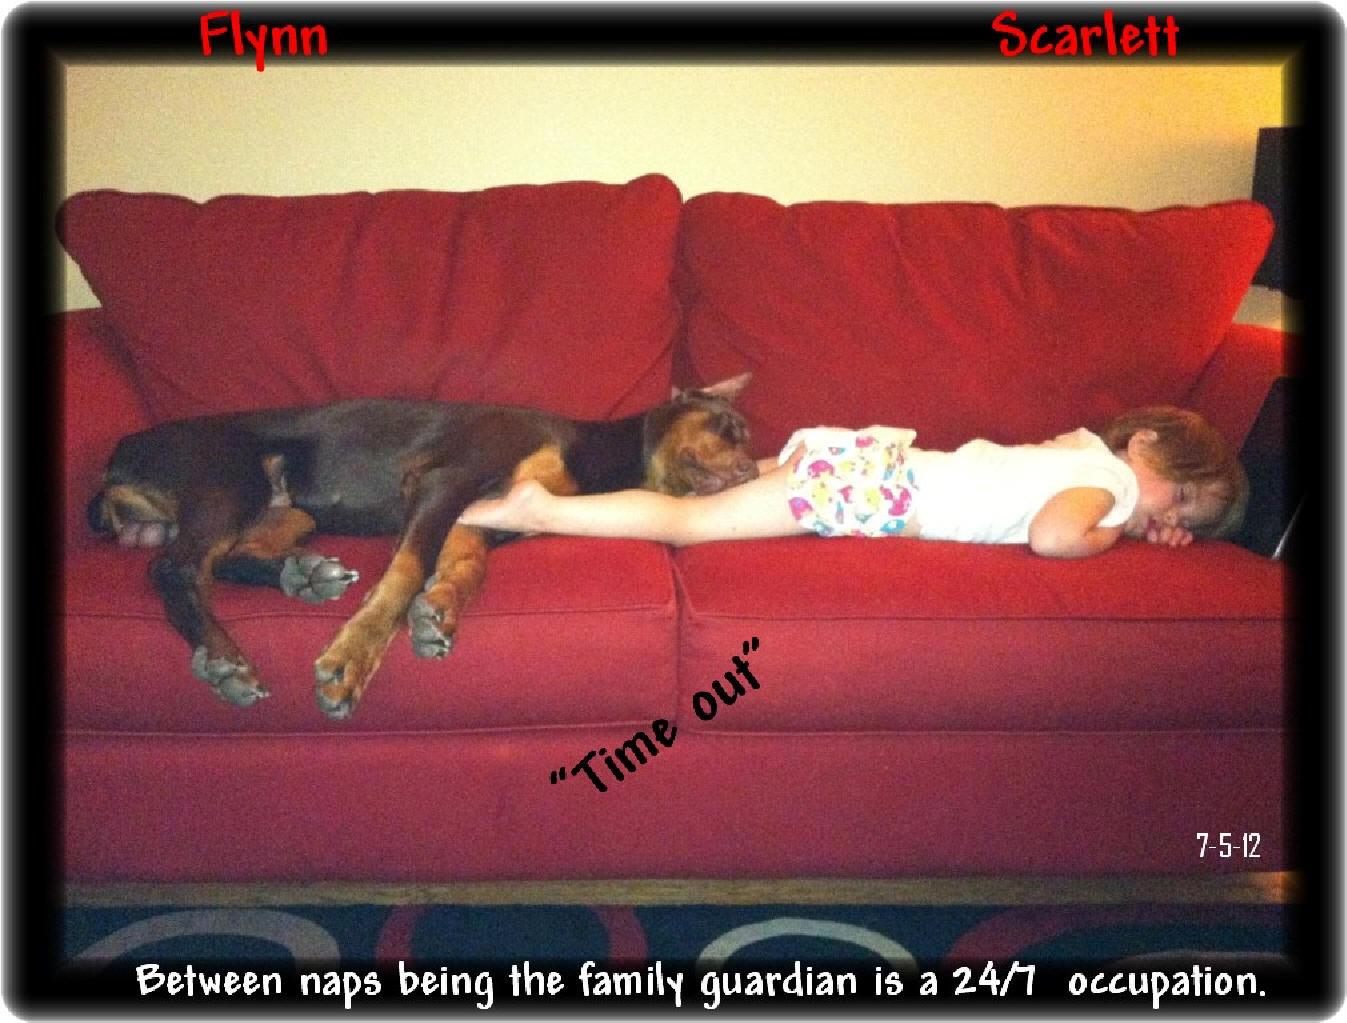 flynn-scarlett.jpg